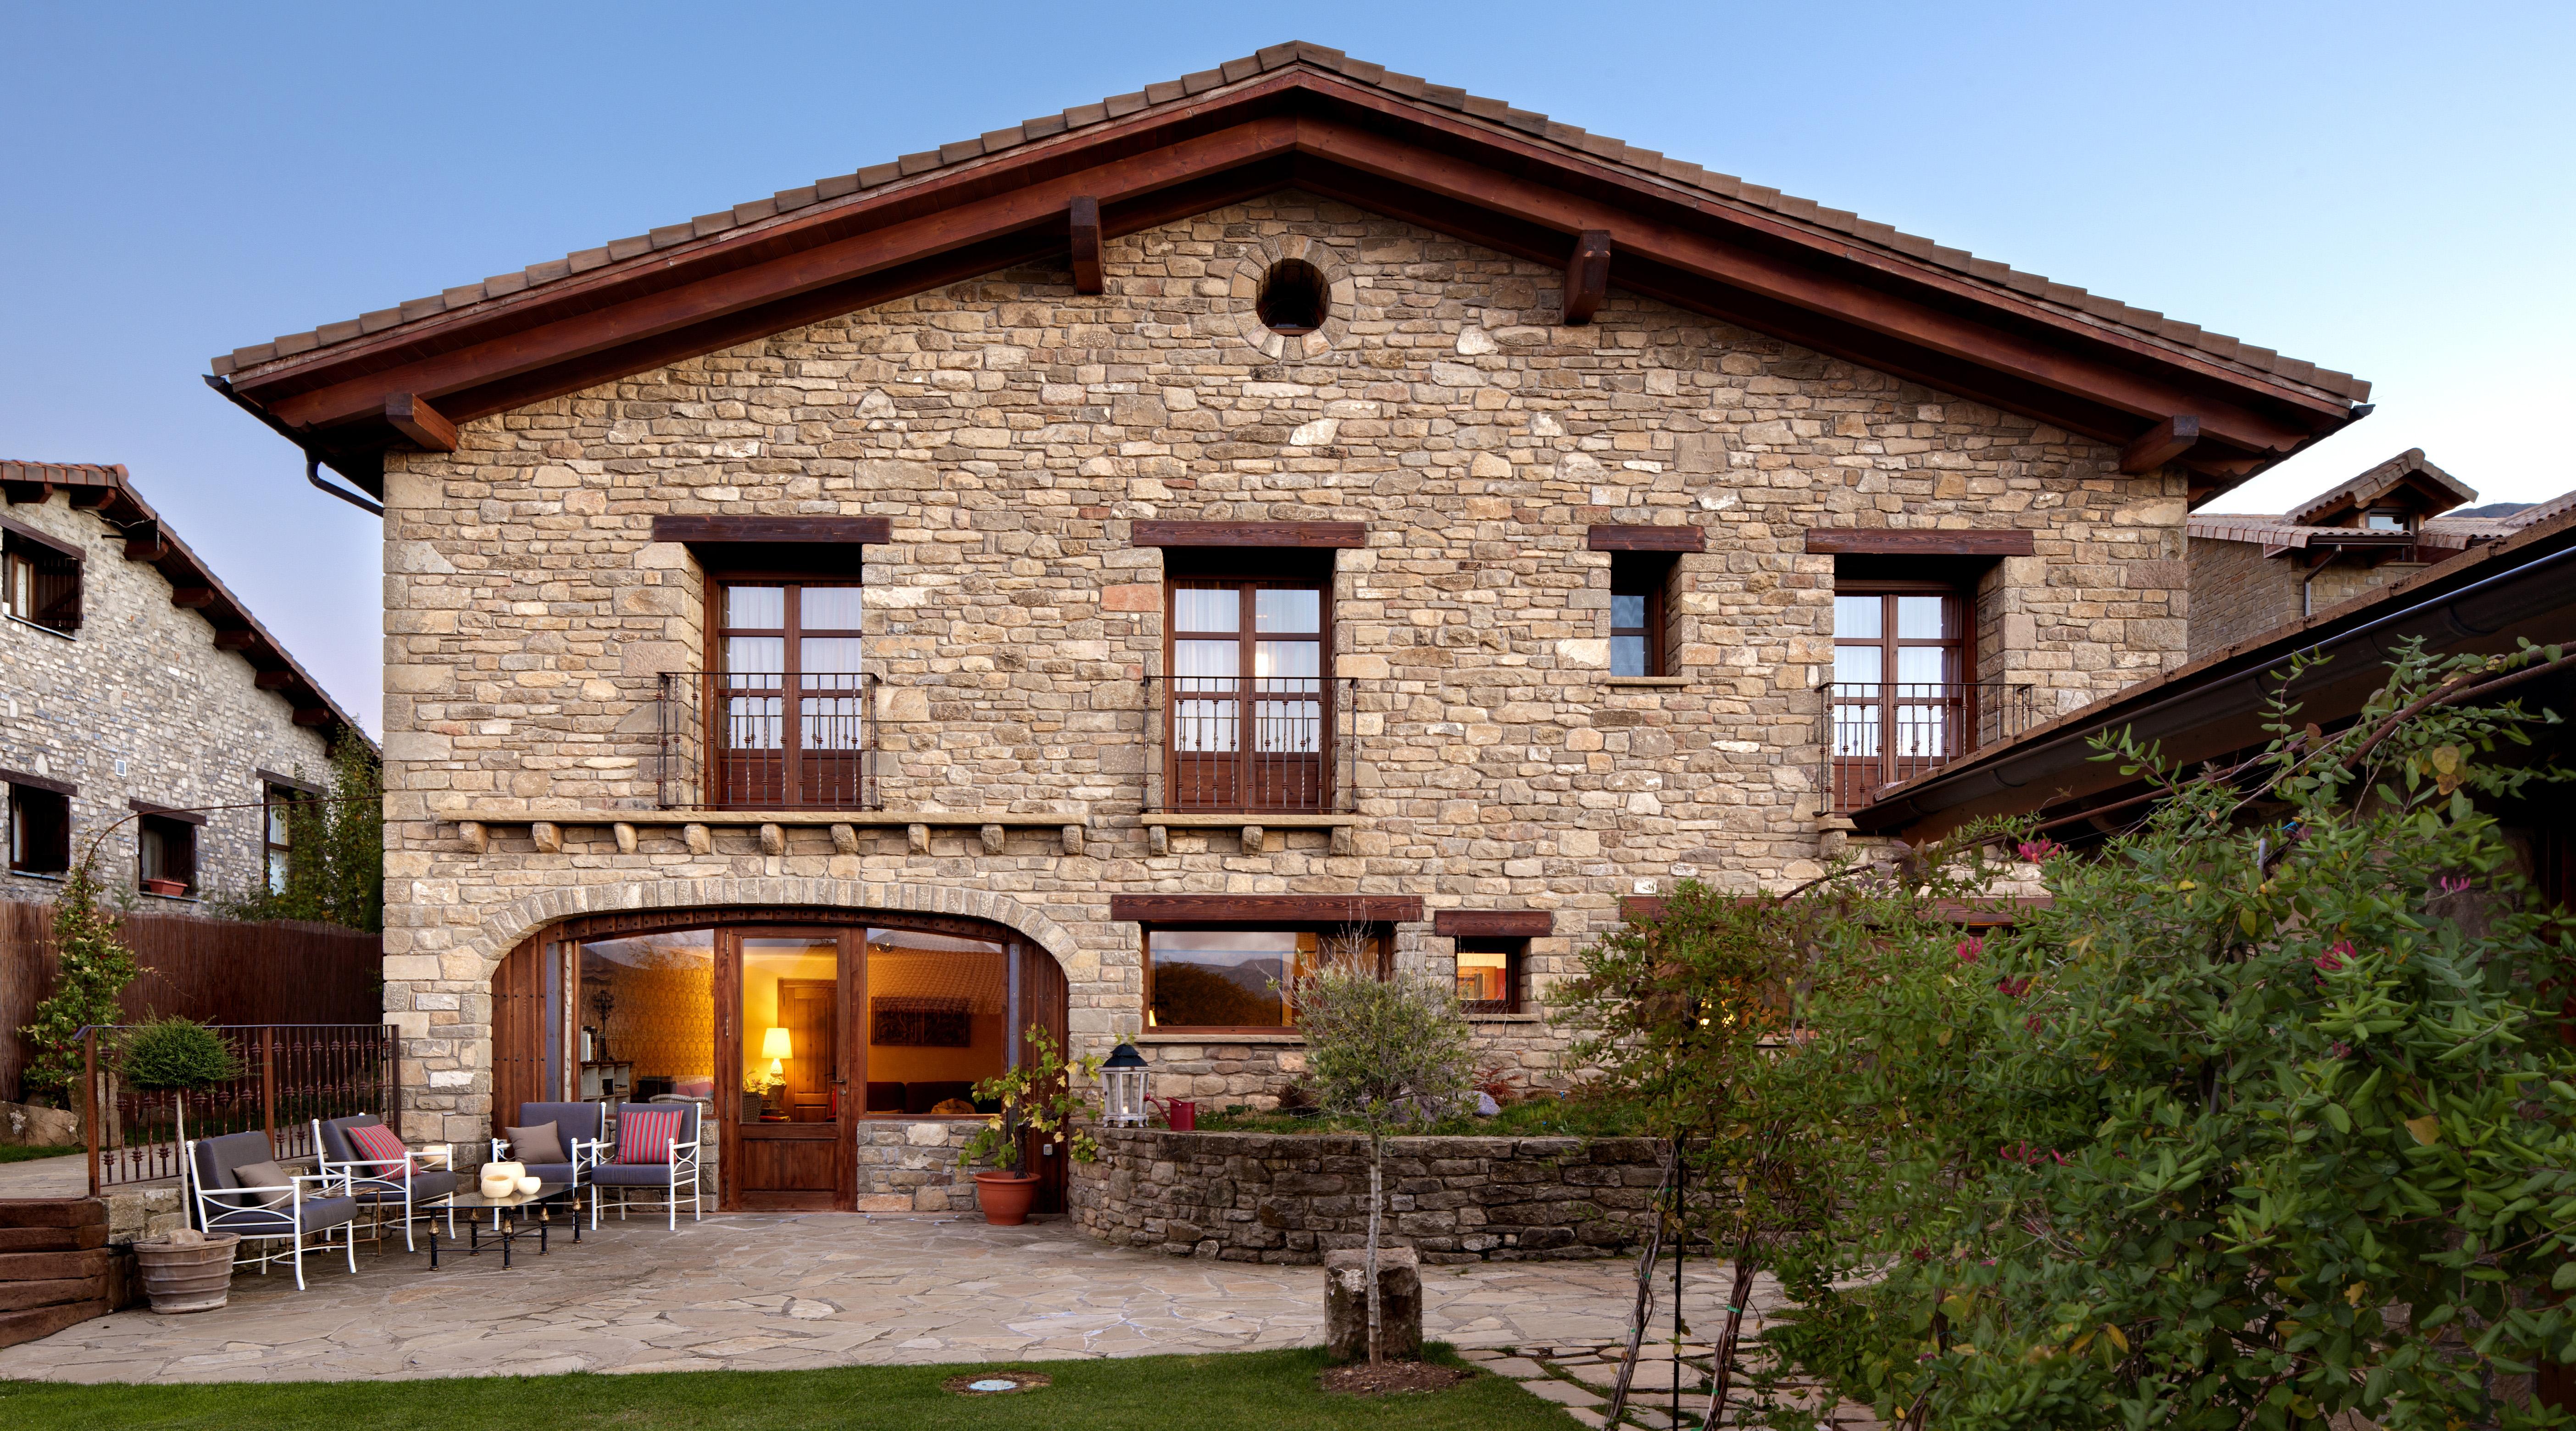 La Fédération Internationale des Logis encara el verano con 3 nuevos hoteles-restaurantes en España y Andorra